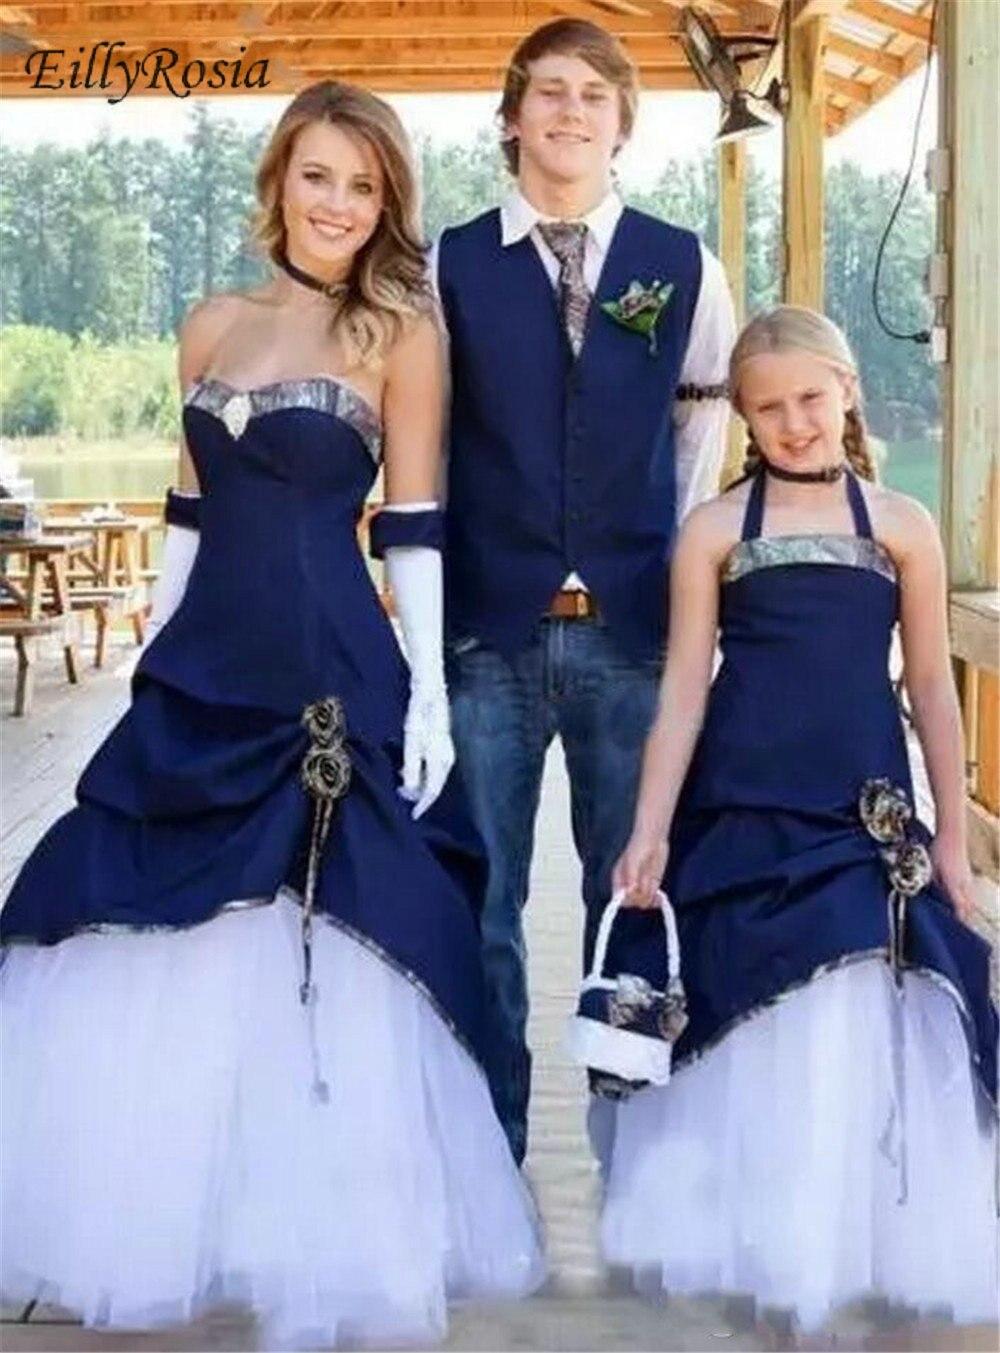 Conception Unique Camo robes de mariée bleu marine Satin blanc Tulle trompette Cowboy Style champêtre robes de mariée robe de mariée noiva 2019 - 2